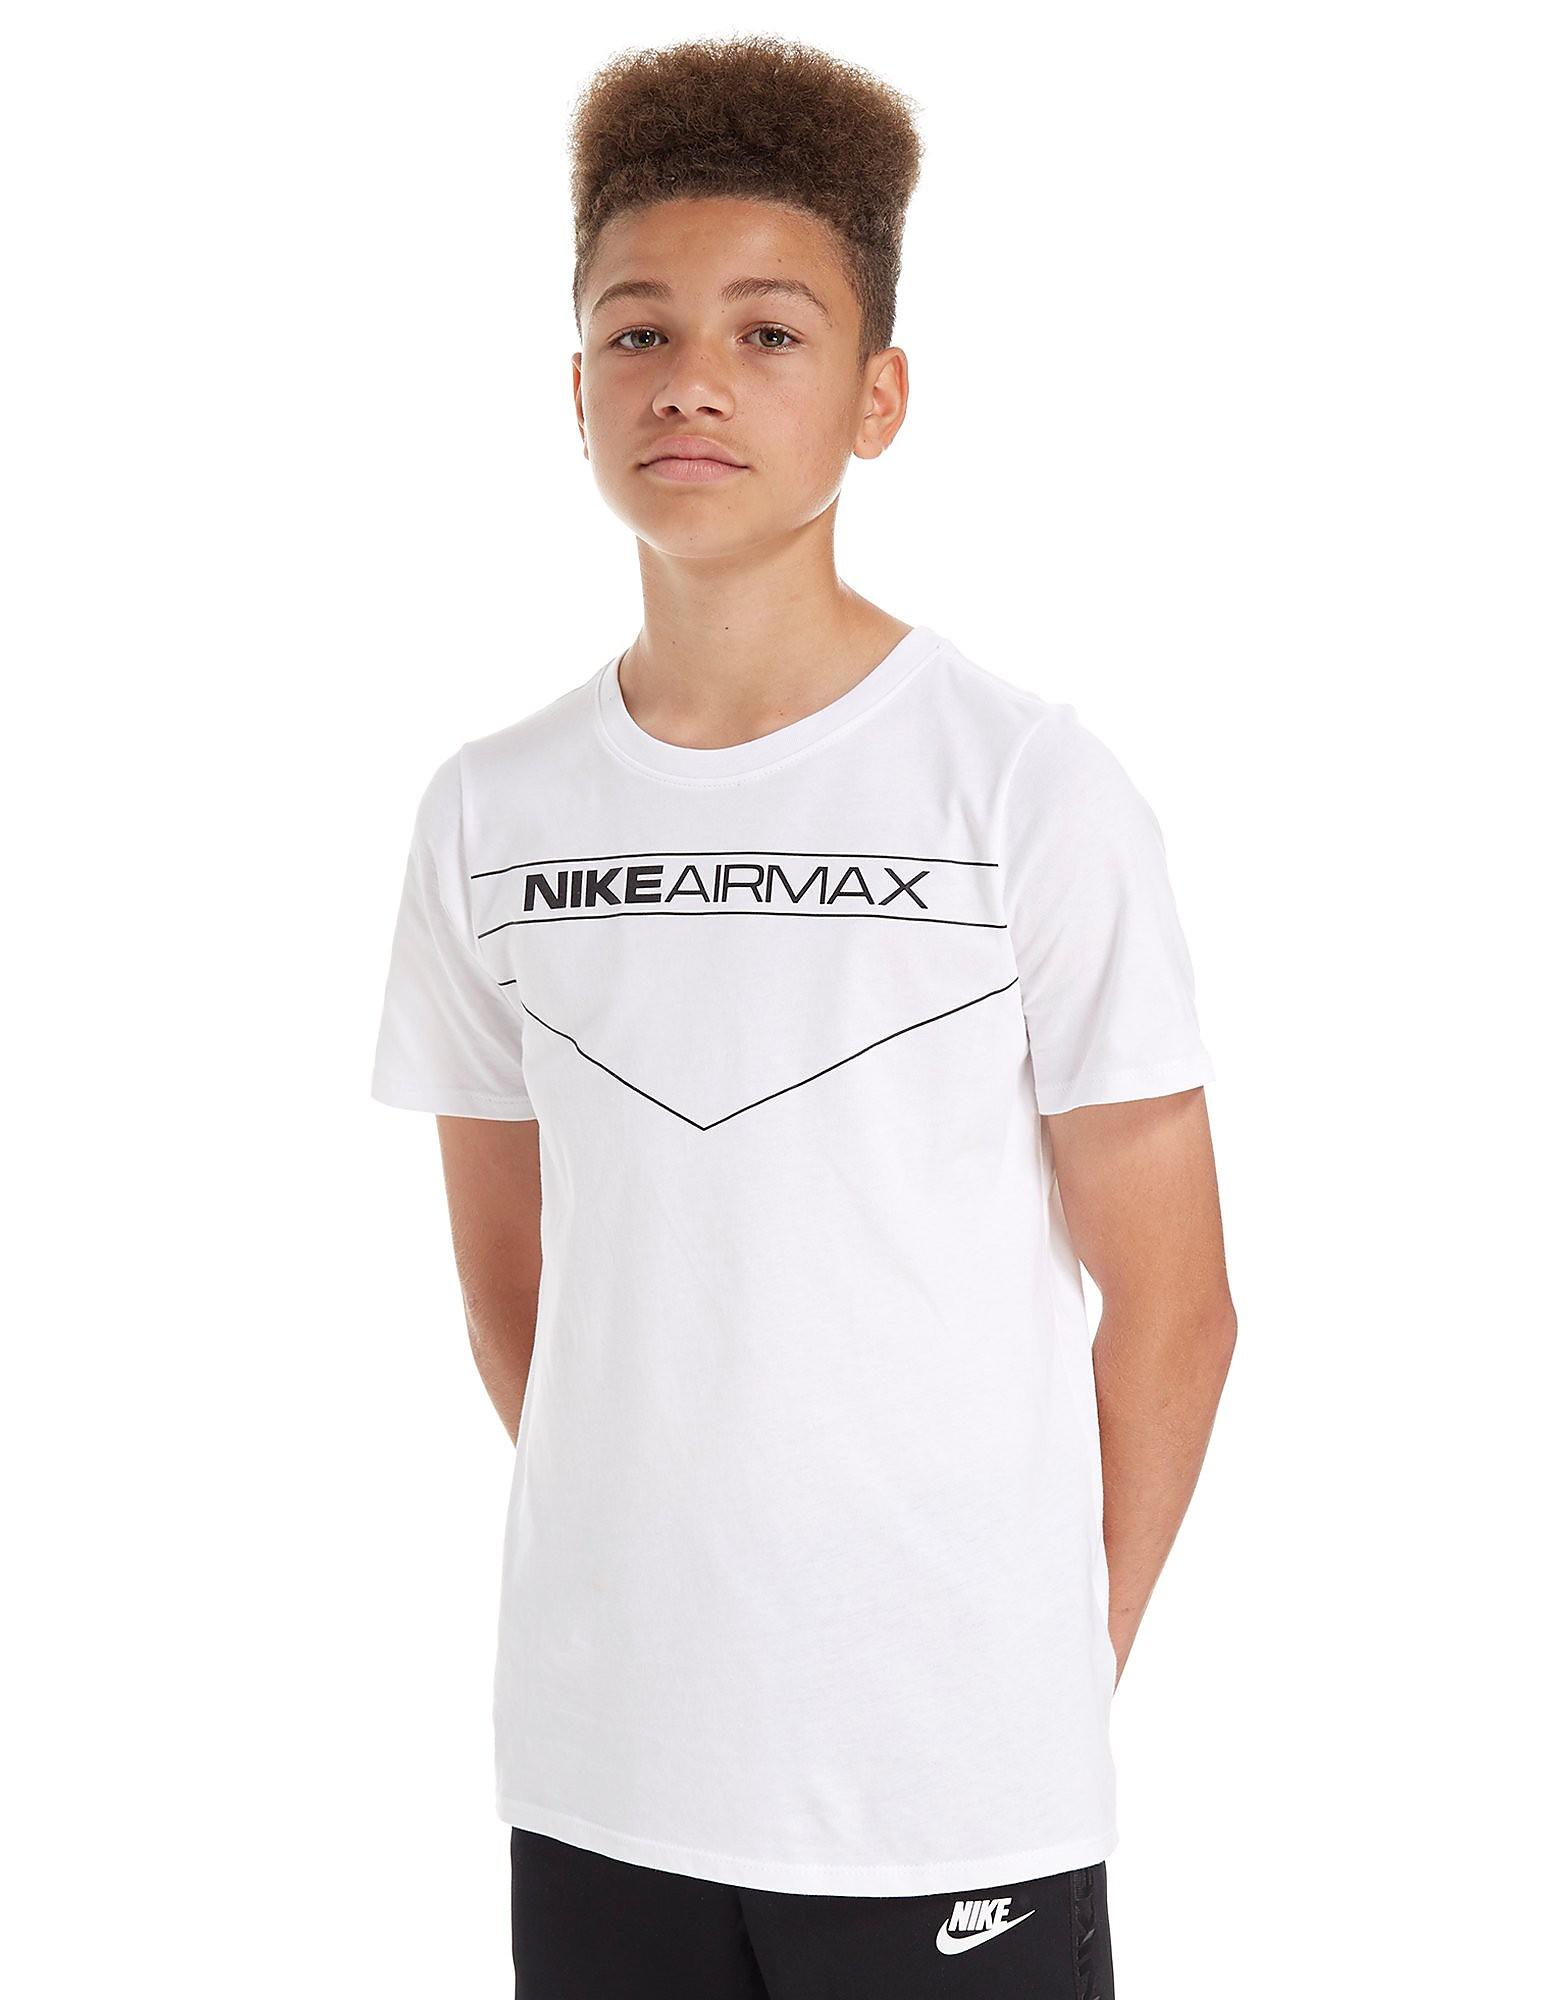 Nike Air Max Chevron T-Shirt Juniors'